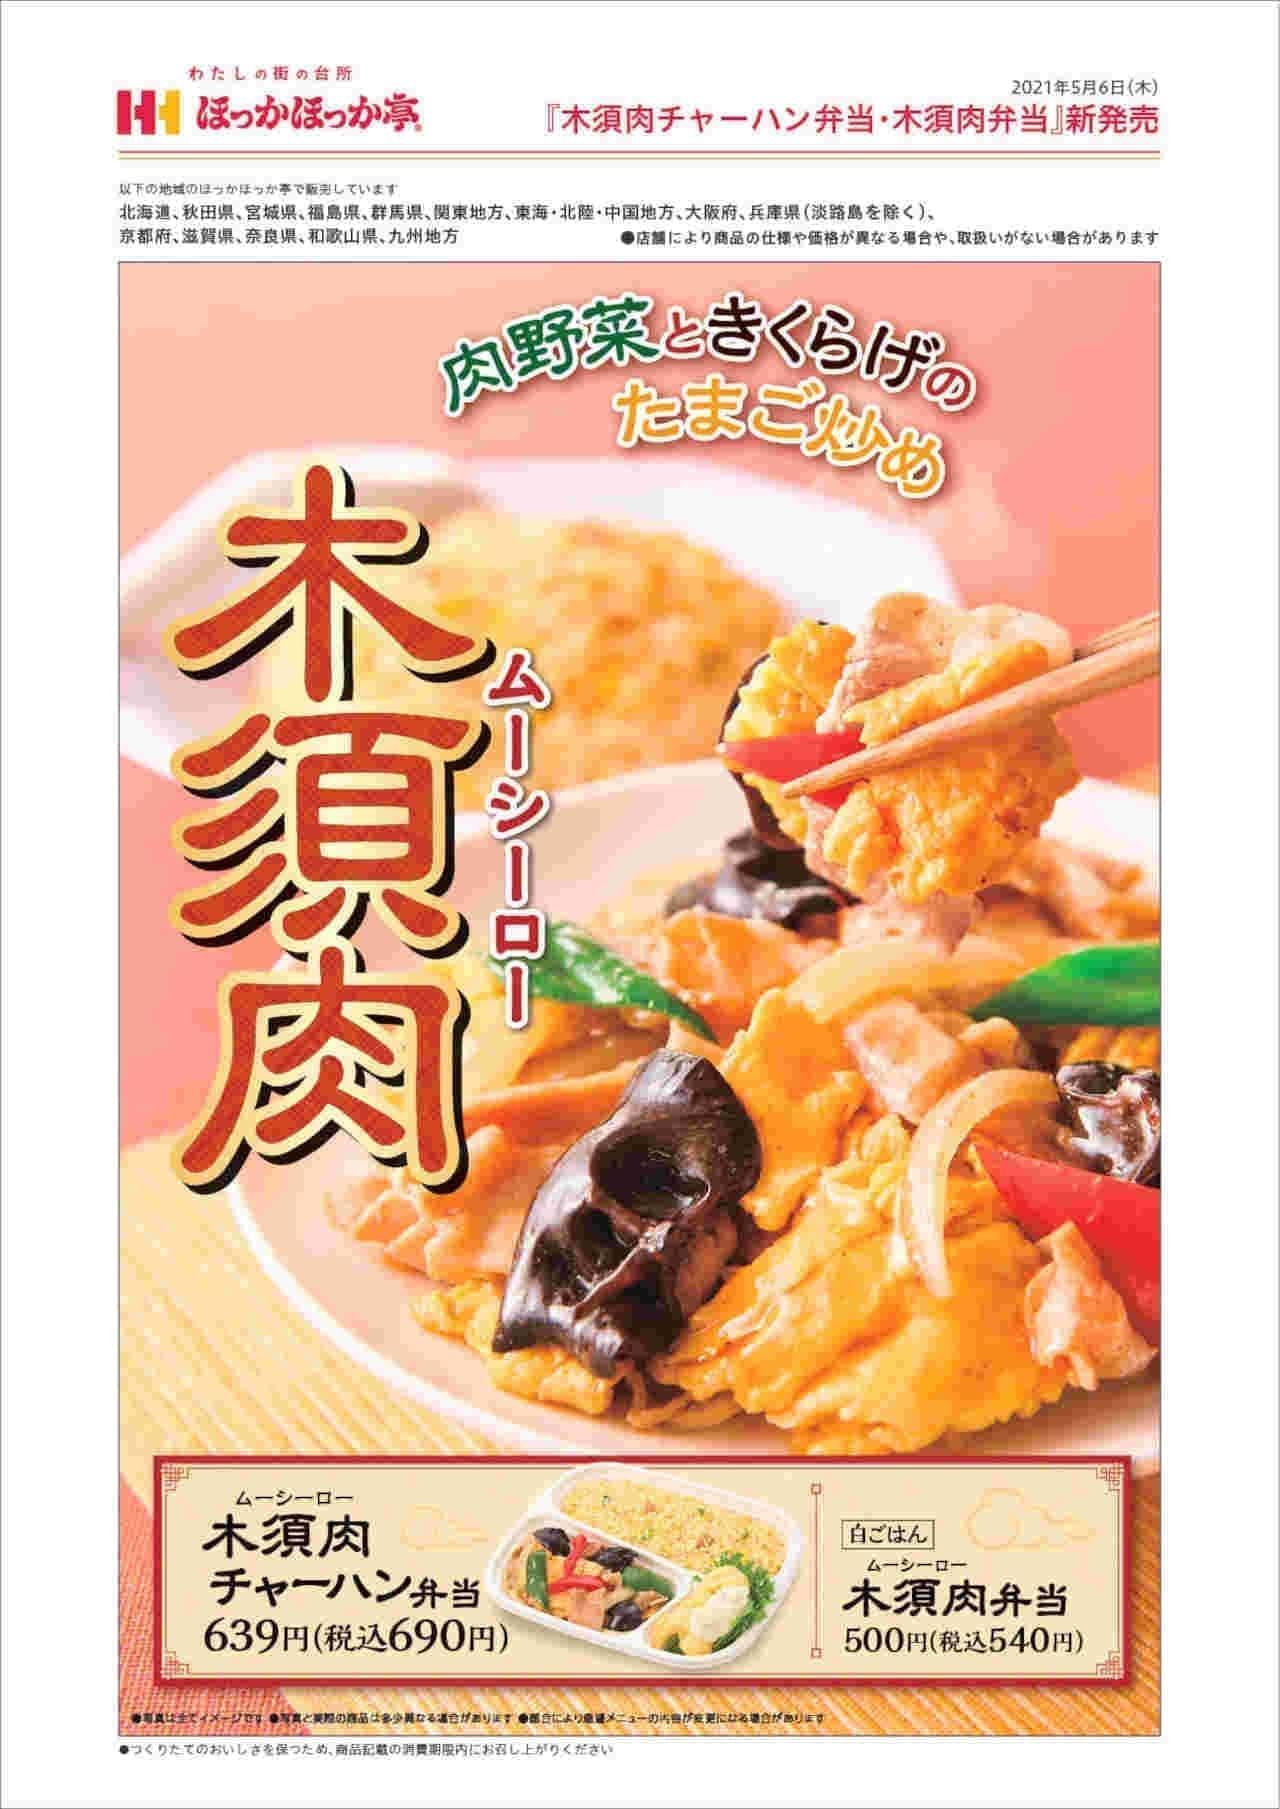 ほっかほっか亭「木須肉チャーハン弁当」「木須肉弁当」